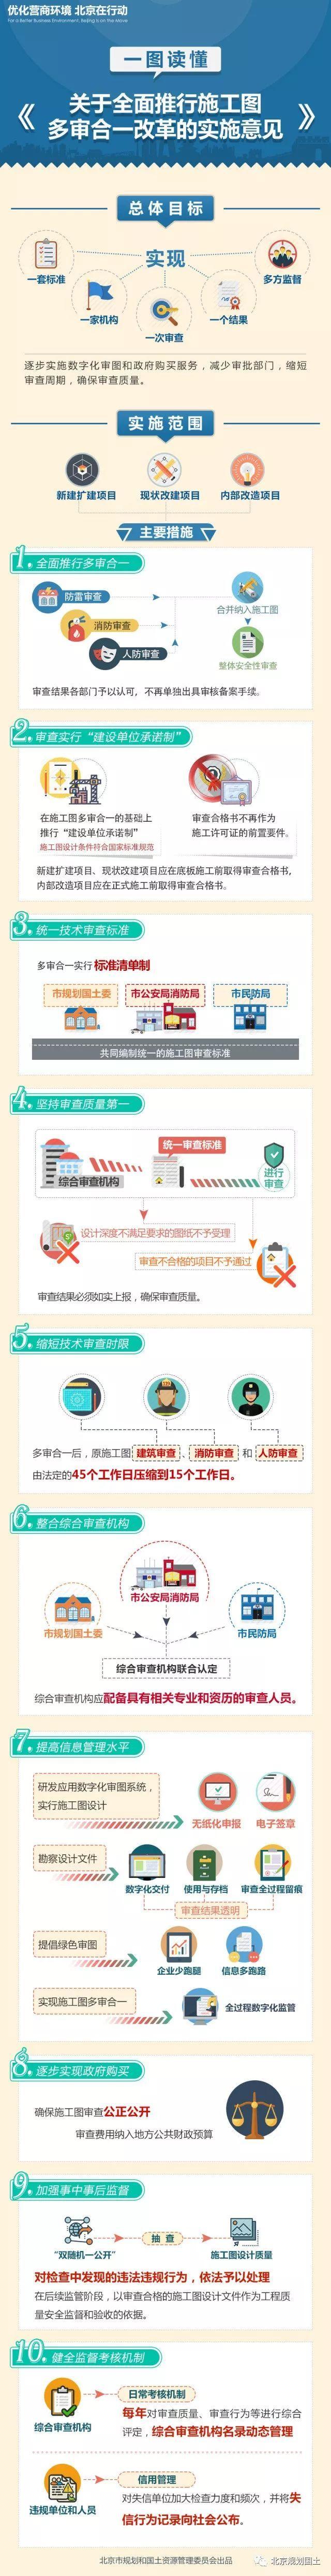 """一张图读懂北京施工图""""多审合一""""改革"""